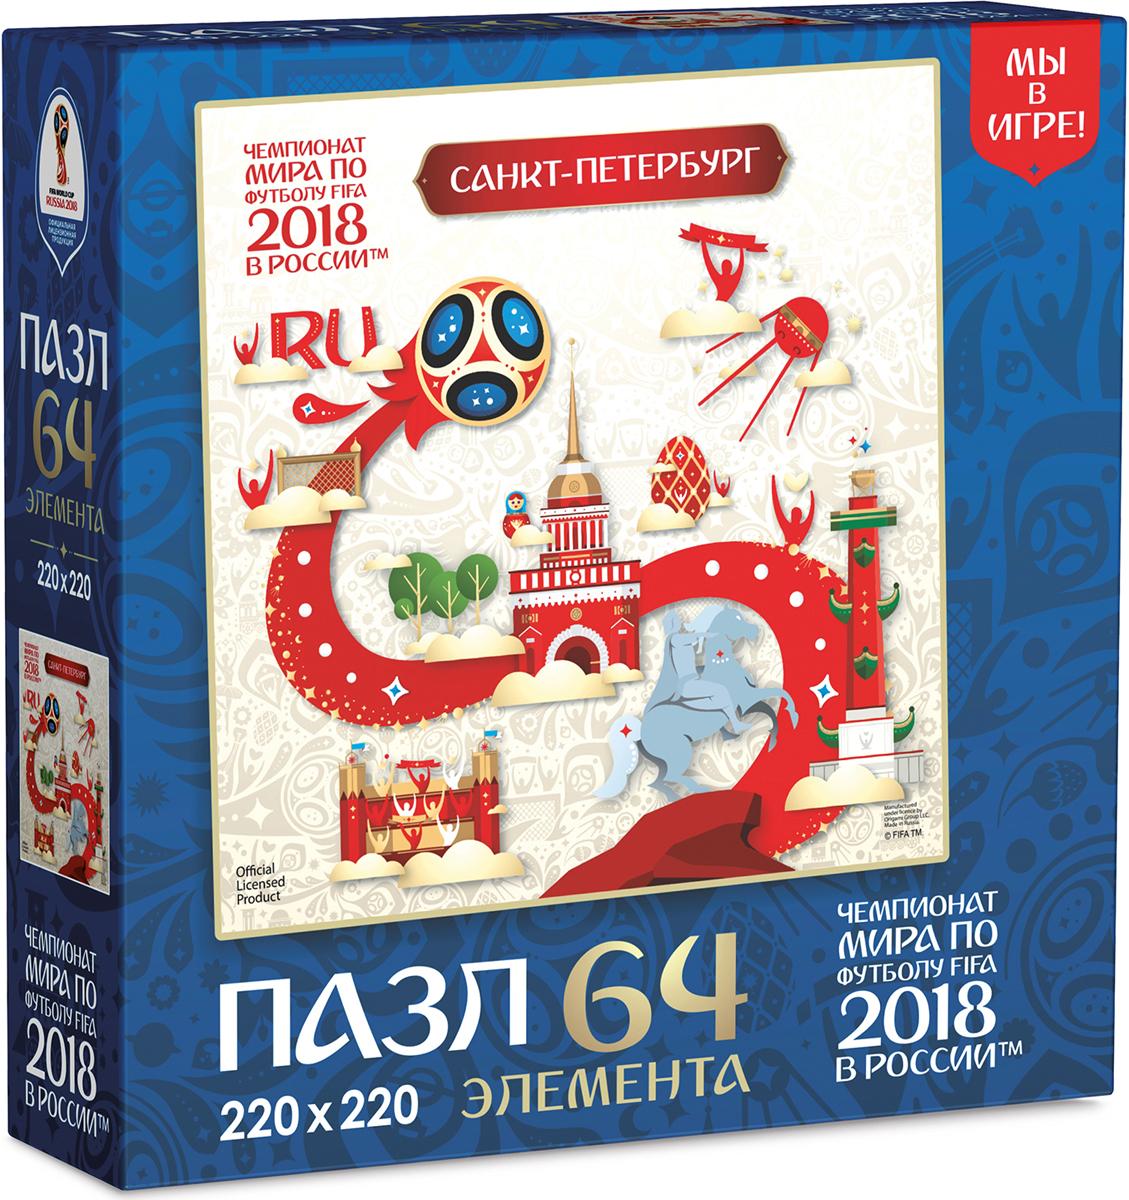 FIFA World Cup Russia 2018 Пазл Look Санкт-Петербург 03880